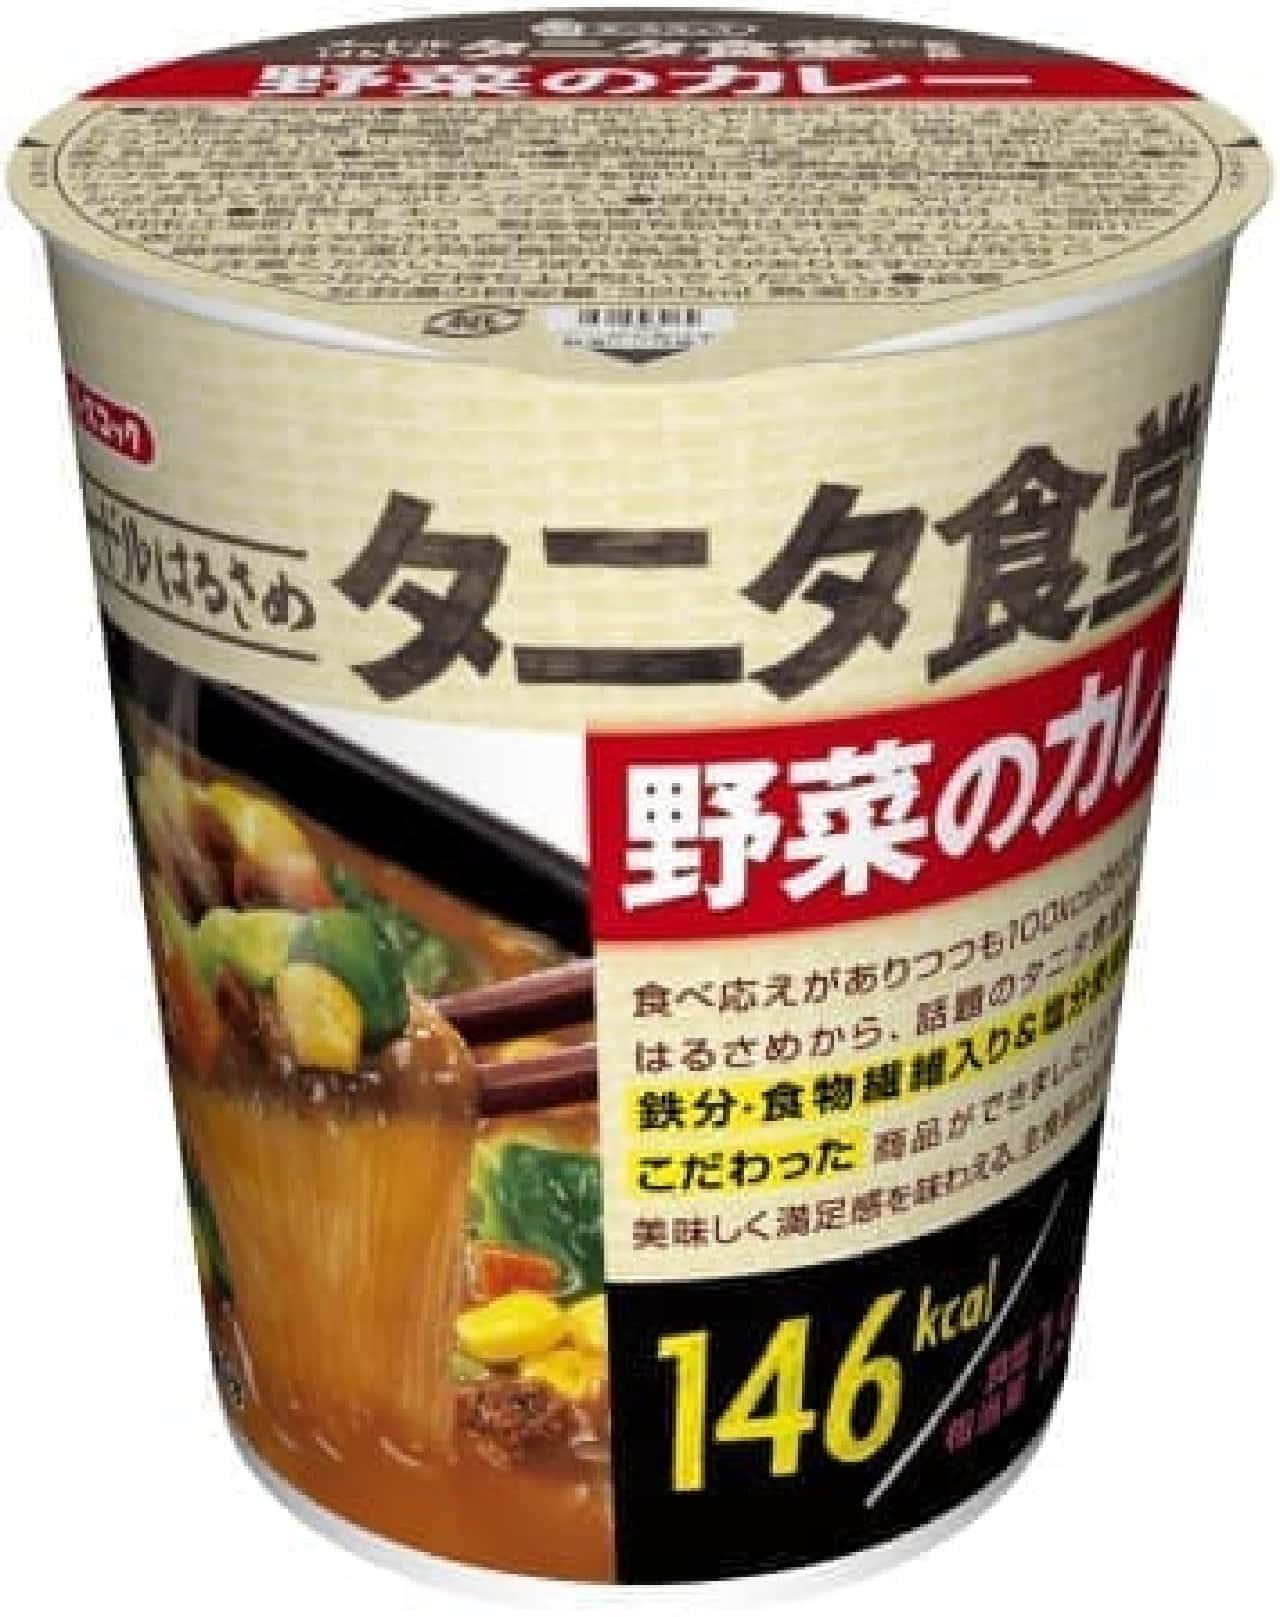 フタ裏には、「健康な食事」の豆知識も